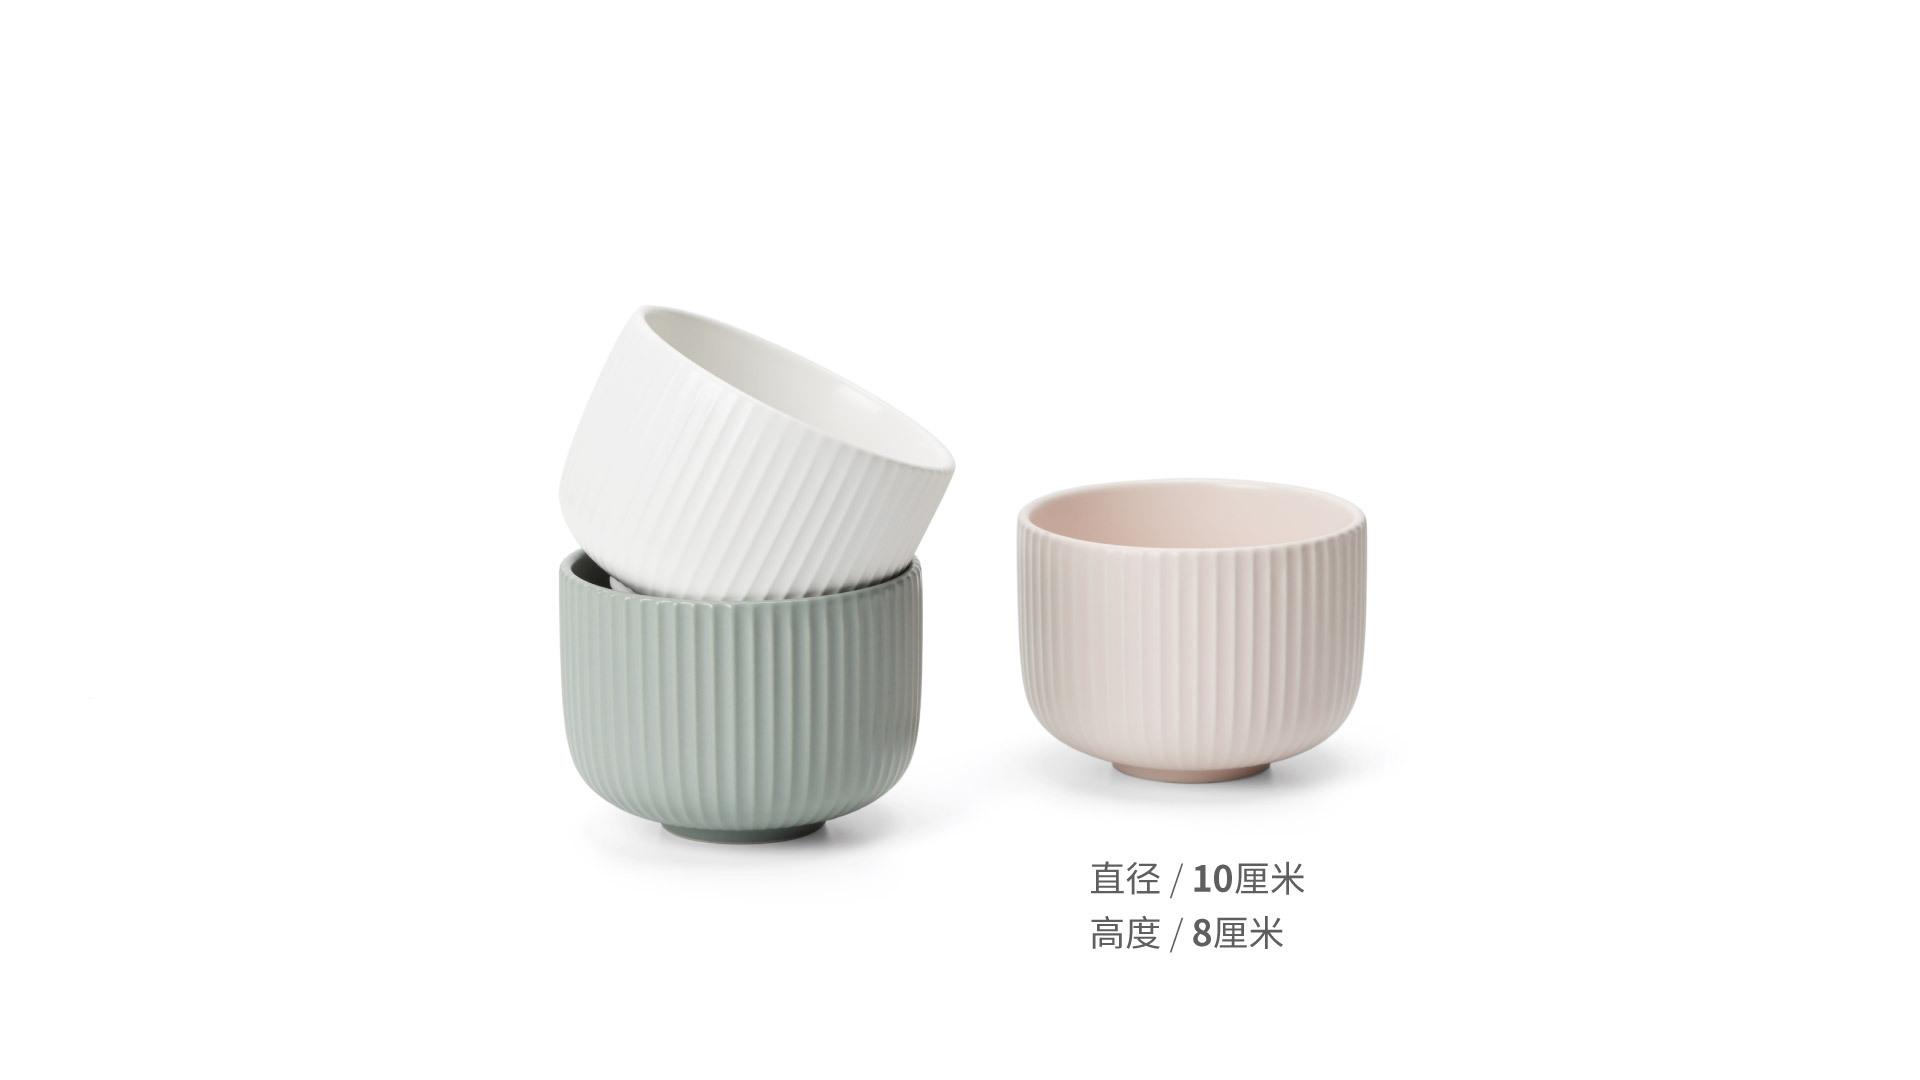 折简餐具组-盘碗碗套装餐具效果图